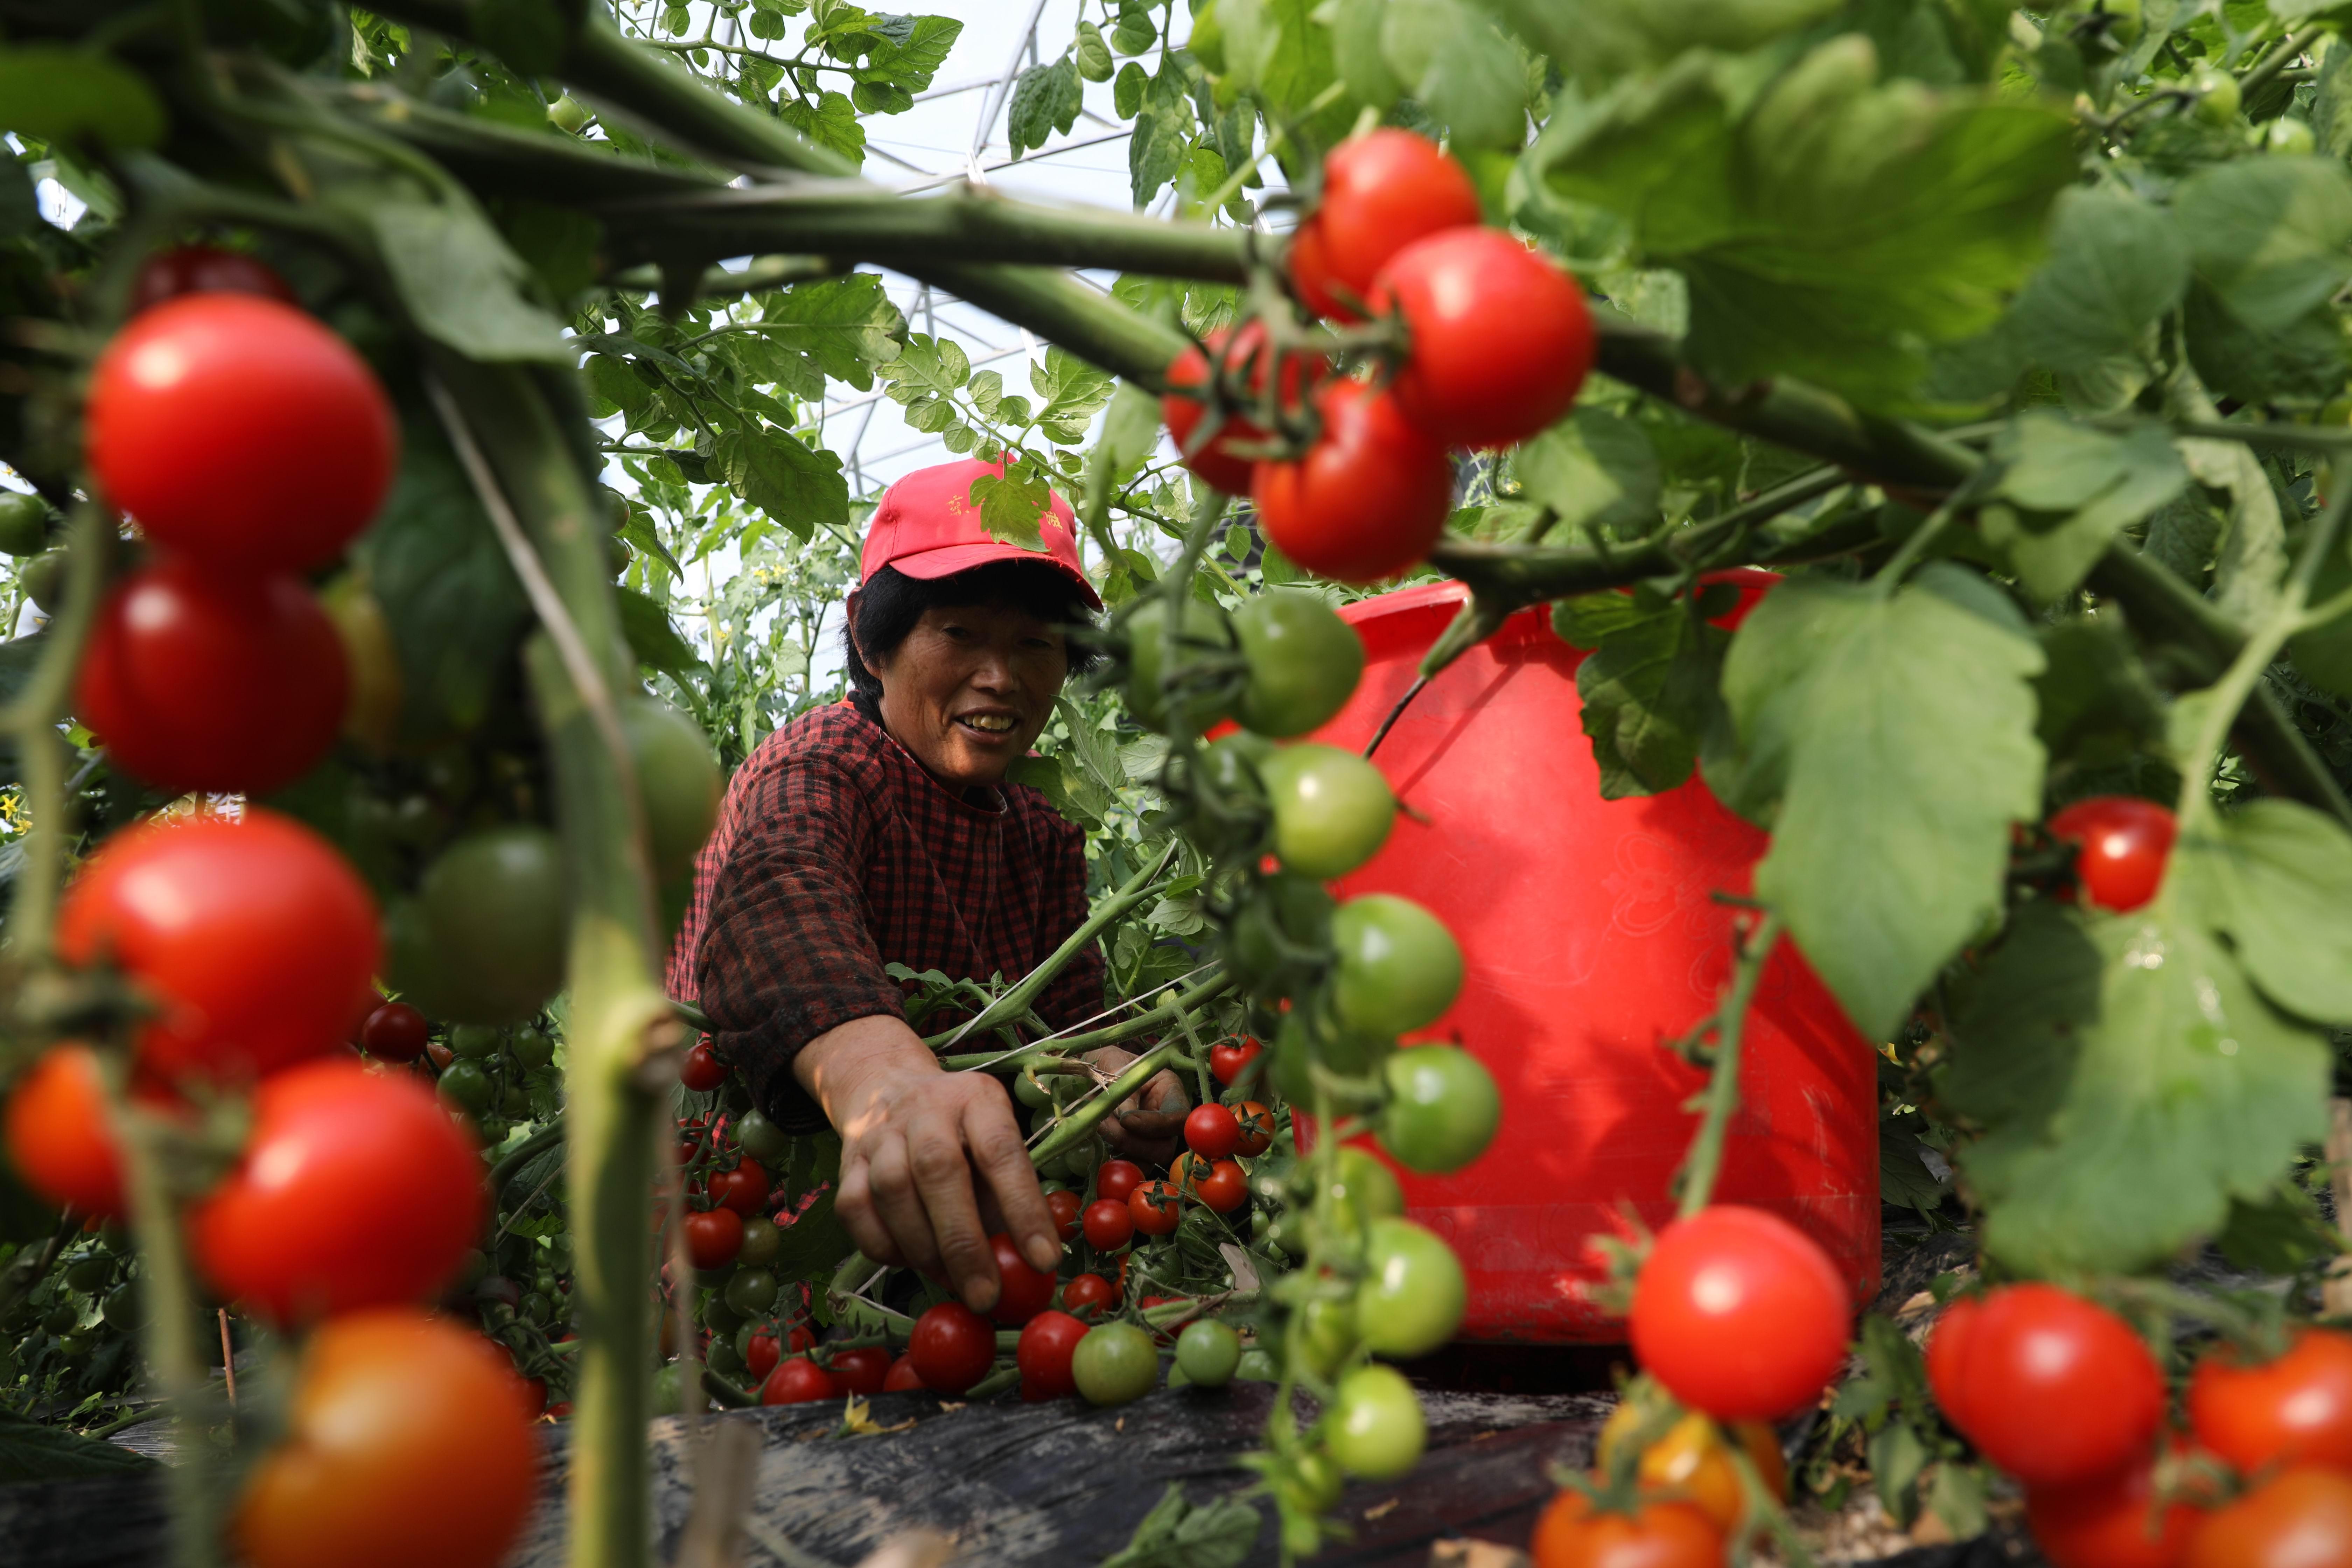 工人正在管理、采摘番茄。.jpg